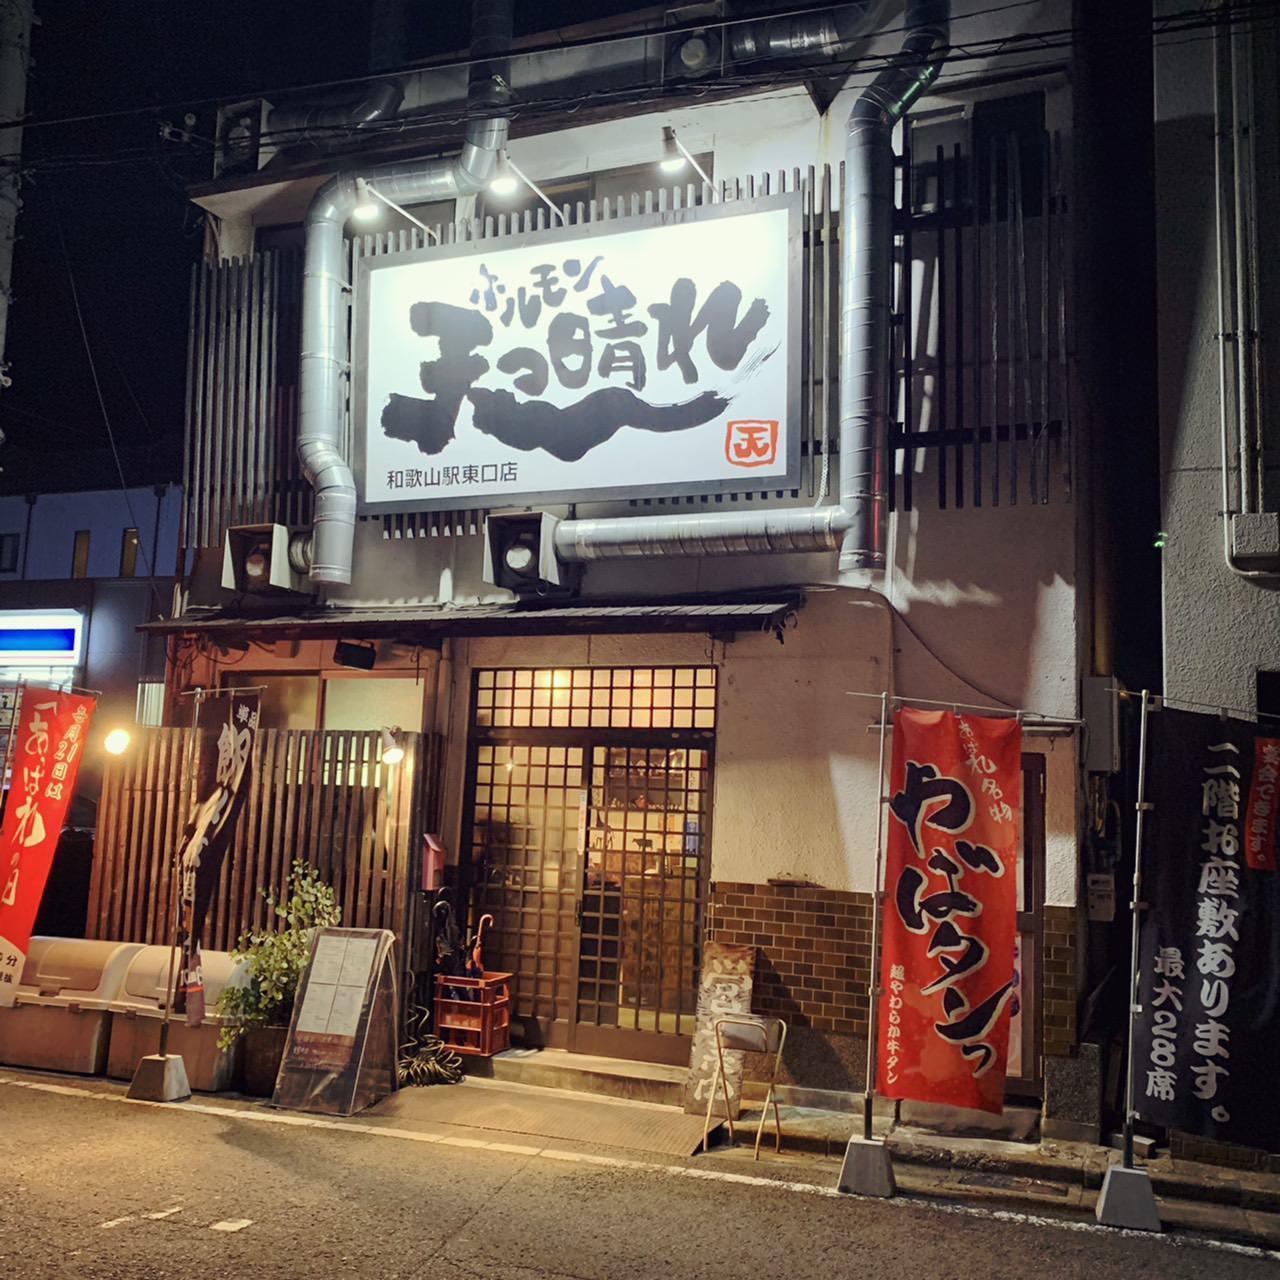 暖色の電球が照らす昭和の雰囲気